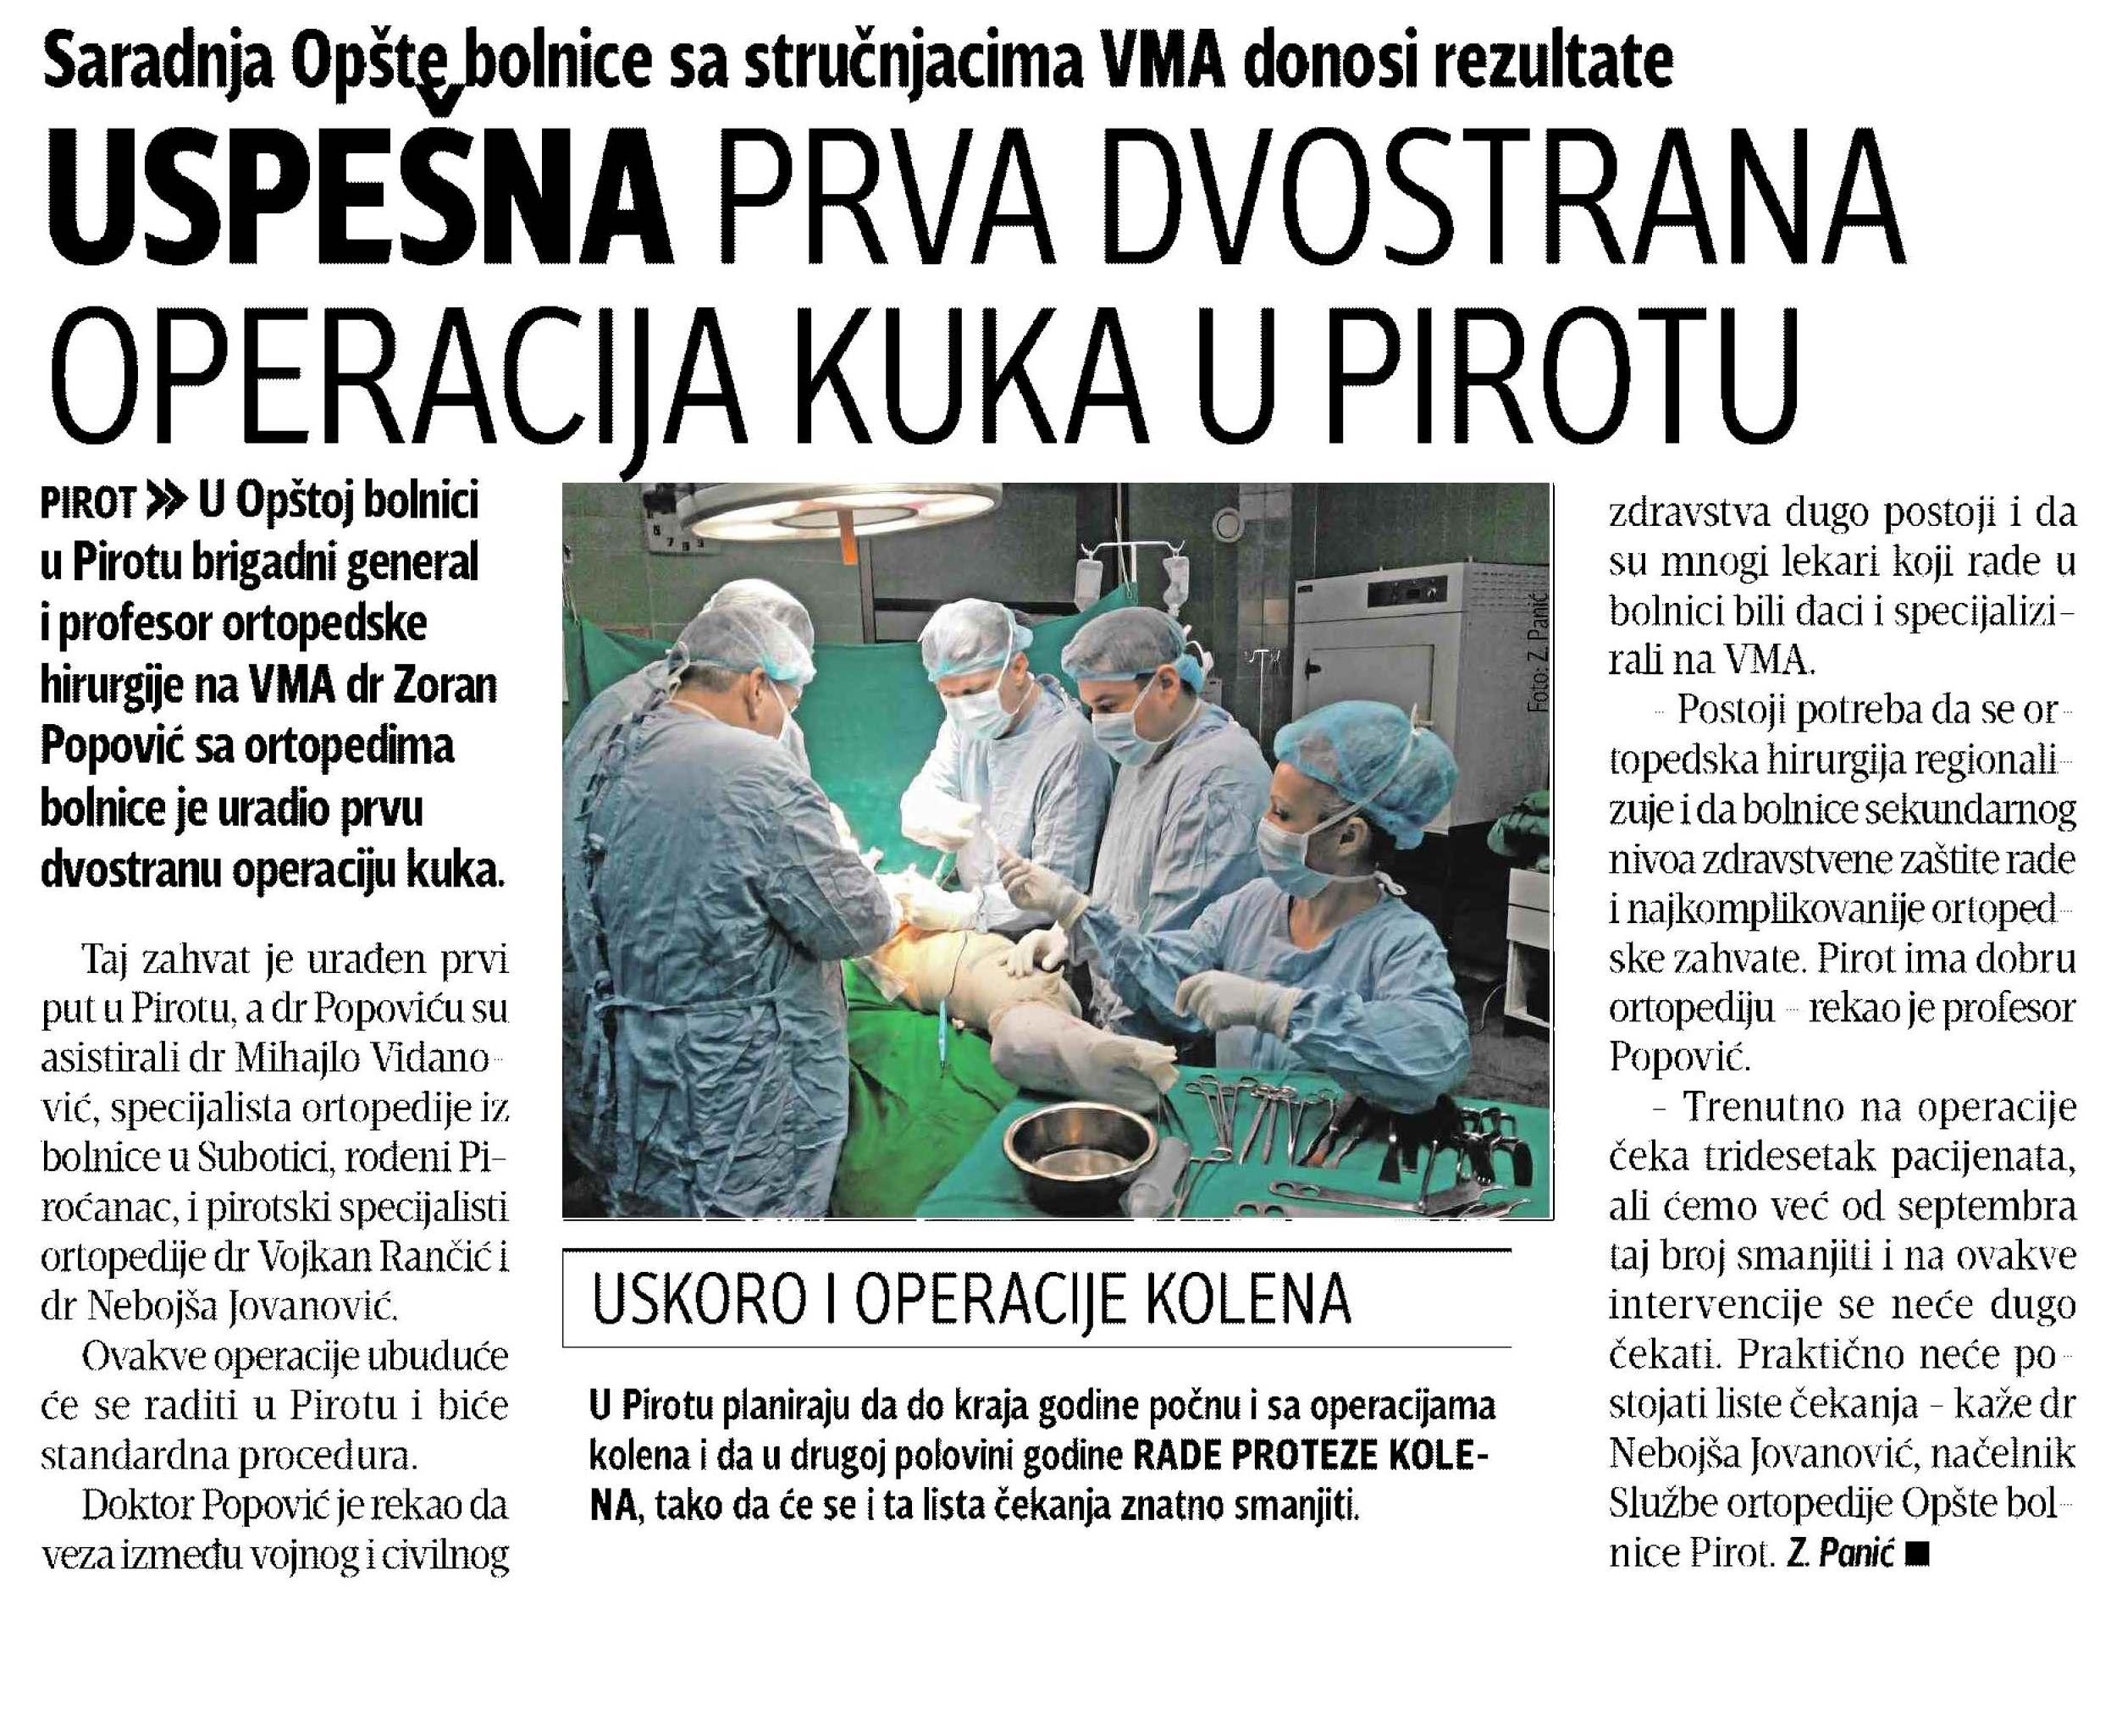 Ortopedi Blic.jpg